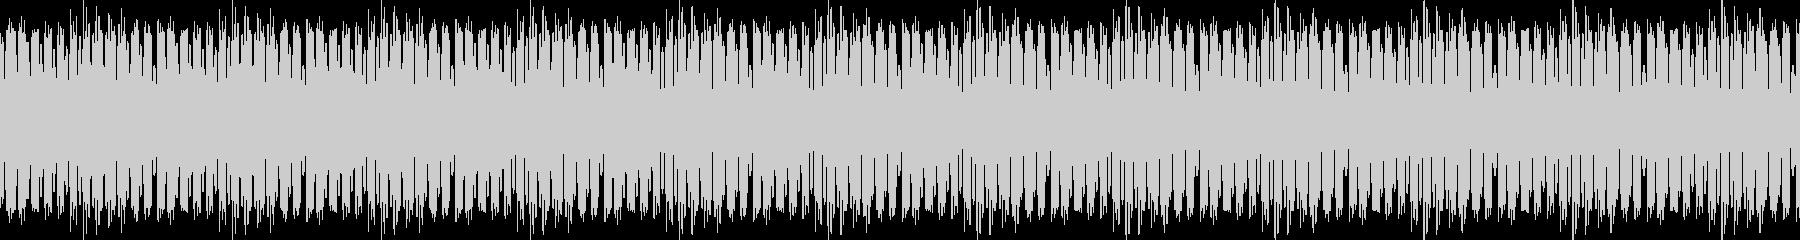 AMGアナログFX 45の未再生の波形